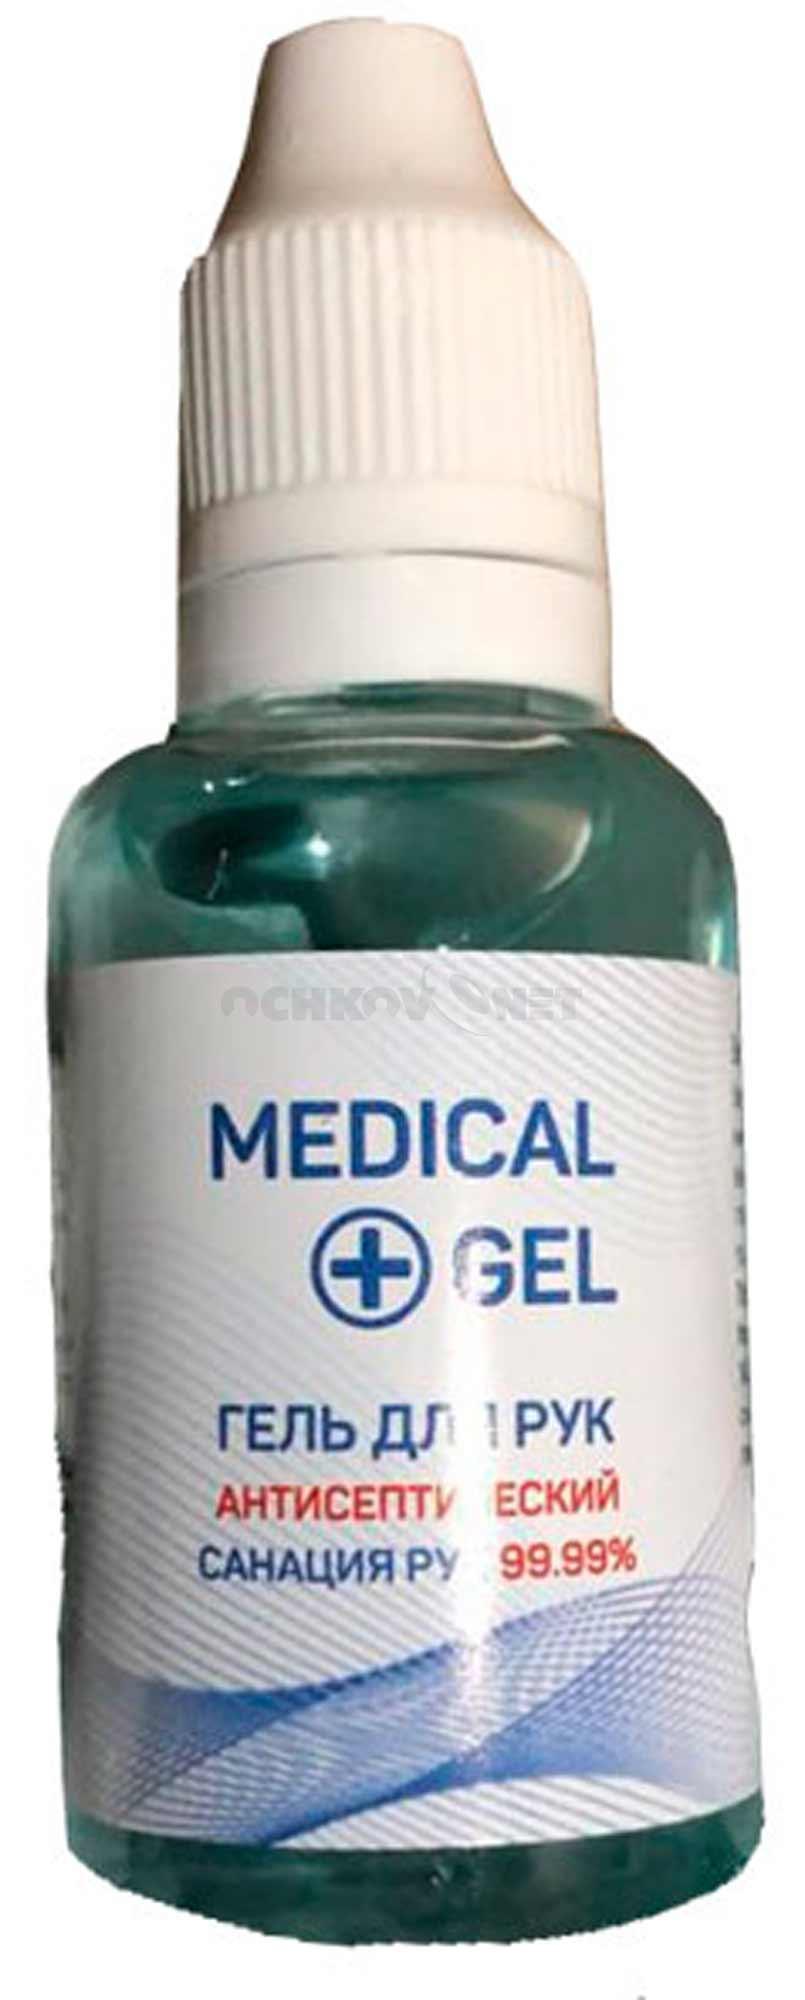 Антисептический Гель для рук Medical gel